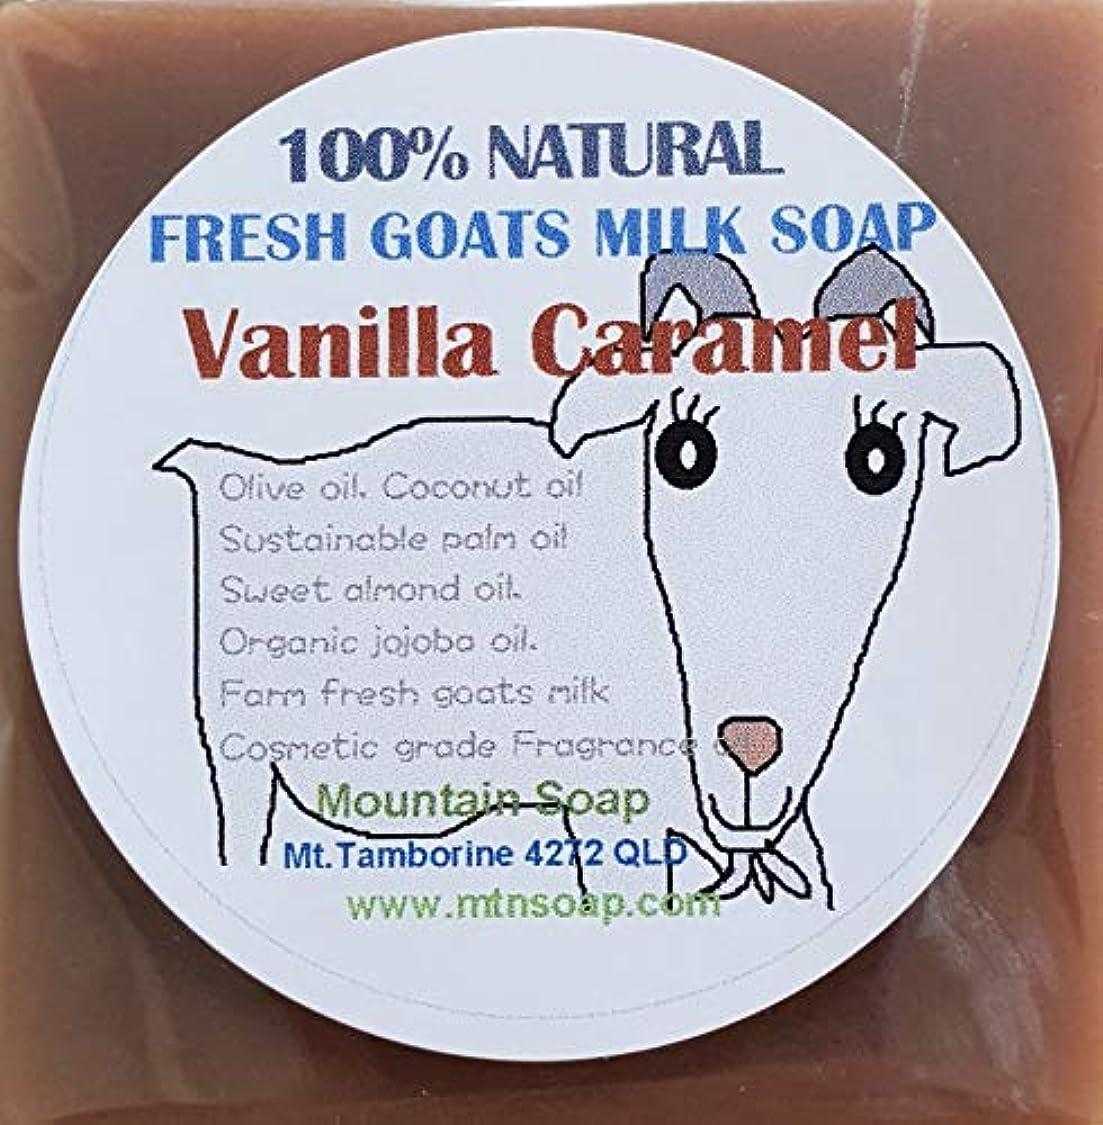 シエスタバンク会計士【Mountain Soap】農場直送絞りたてゴートミルク生乳使用 ゴートミルク石鹸 バニラキャラメル